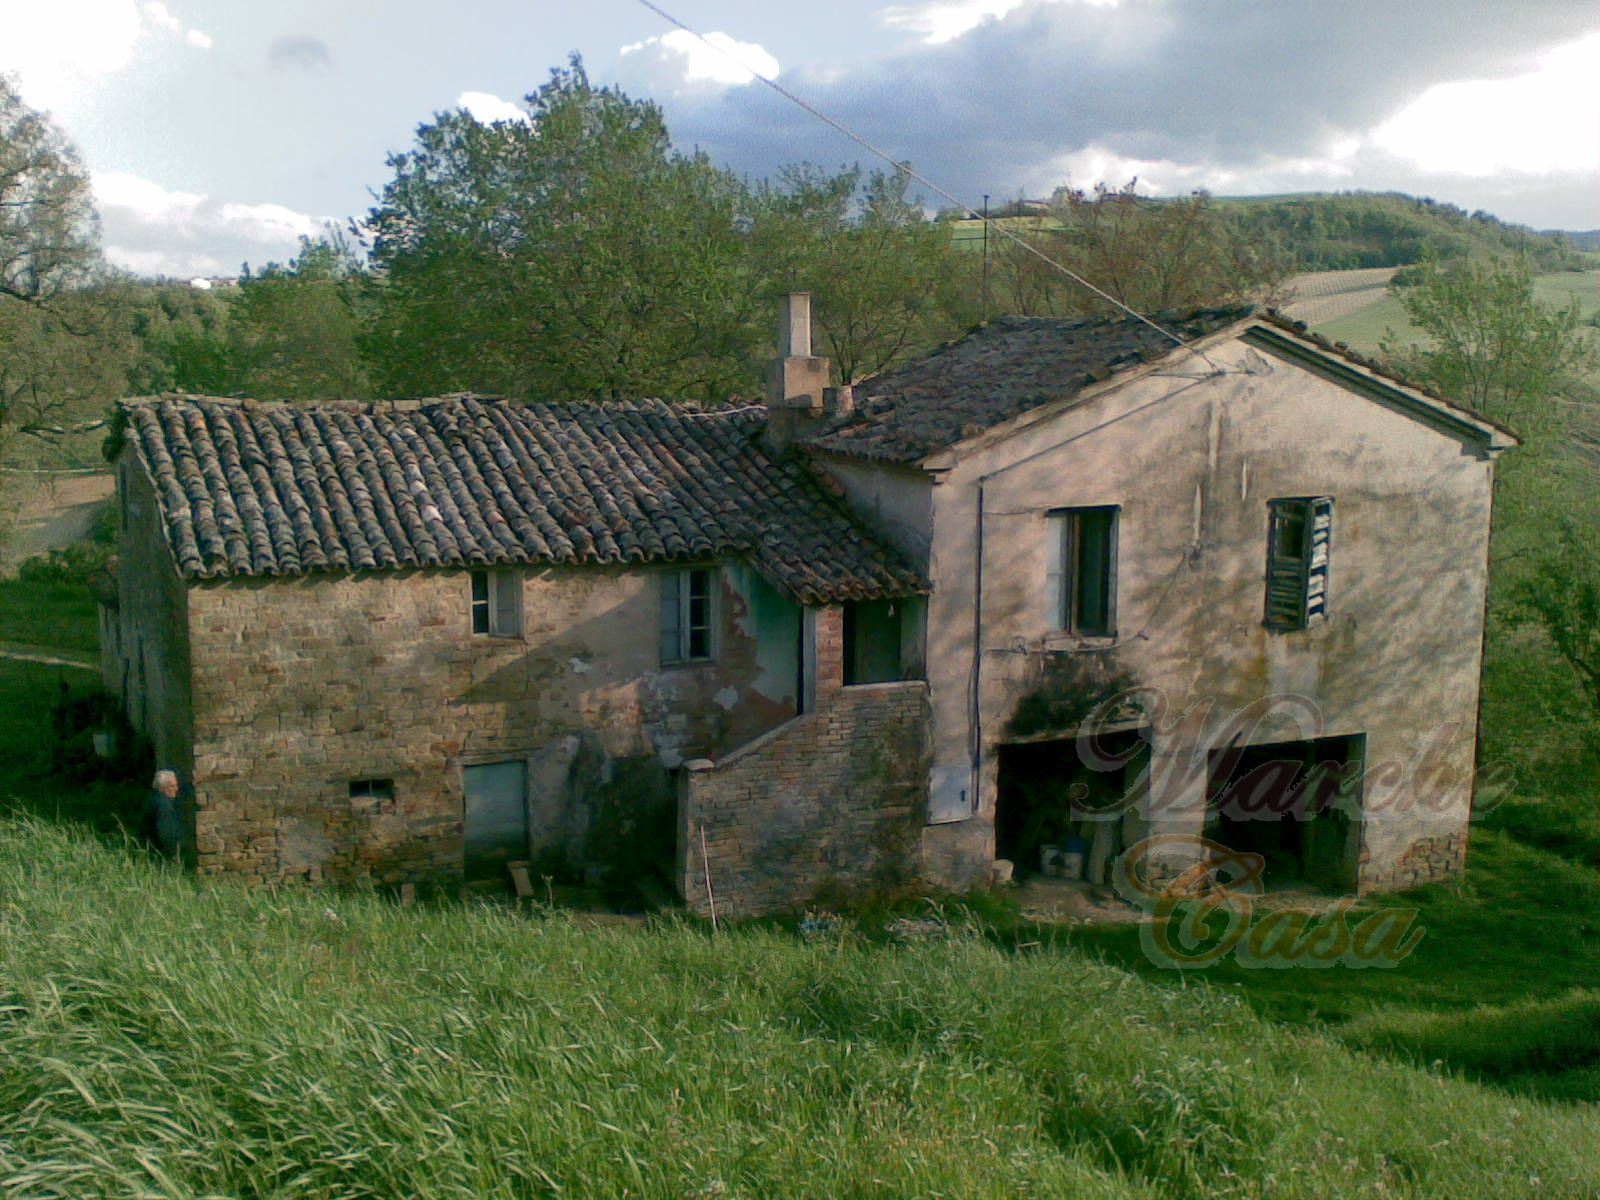 Rustico / Casale in vendita a Arcevia, 10 locali, prezzo € 90.000 | CambioCasa.it